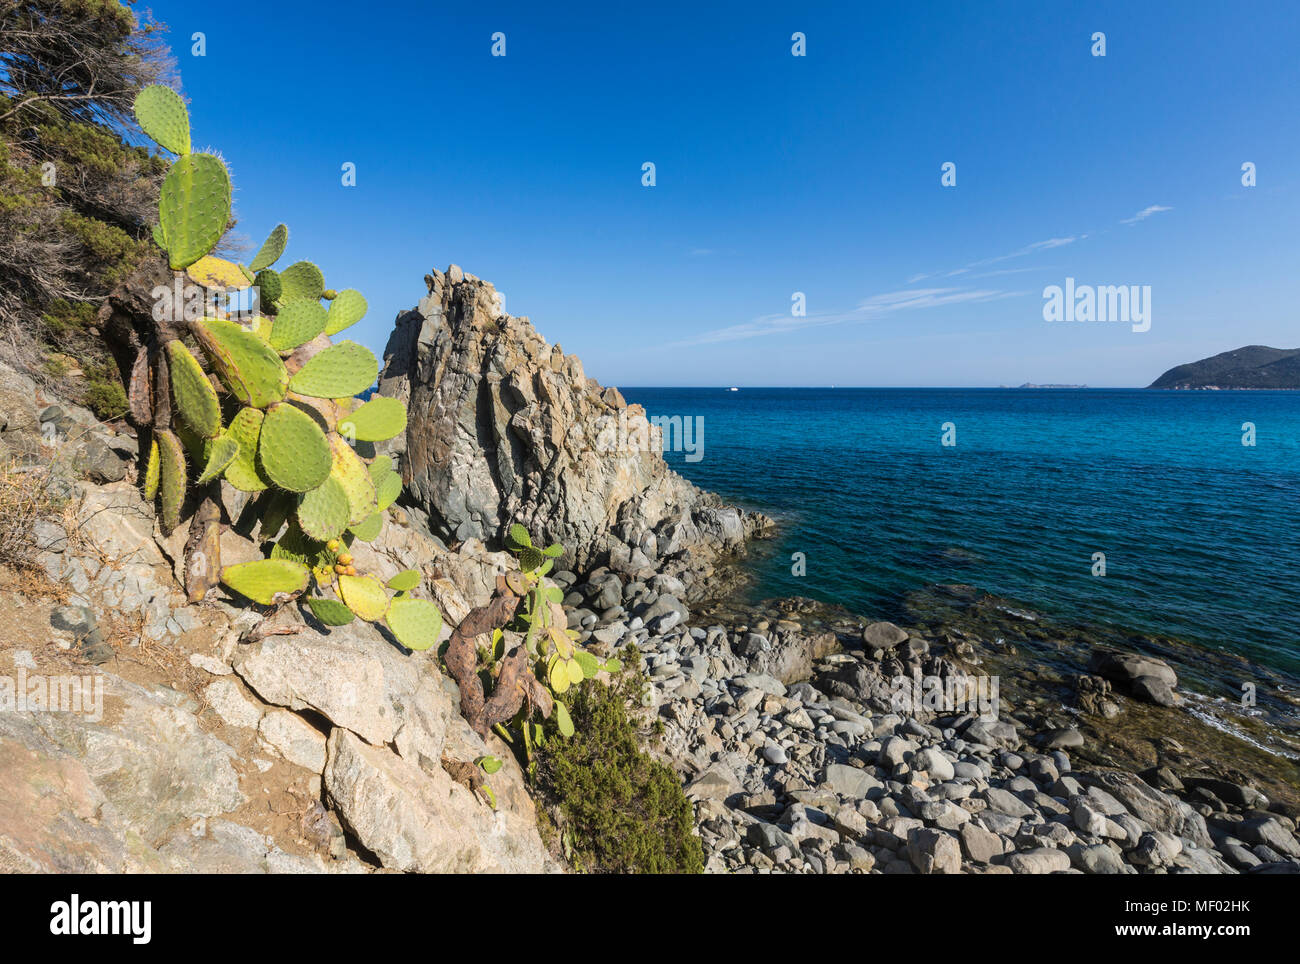 Fichidindia sulle scogliere circondano il blu del mare di Cala Monte Turno Castiadas Cagliari Sardegna Italia Europa Immagini Stock